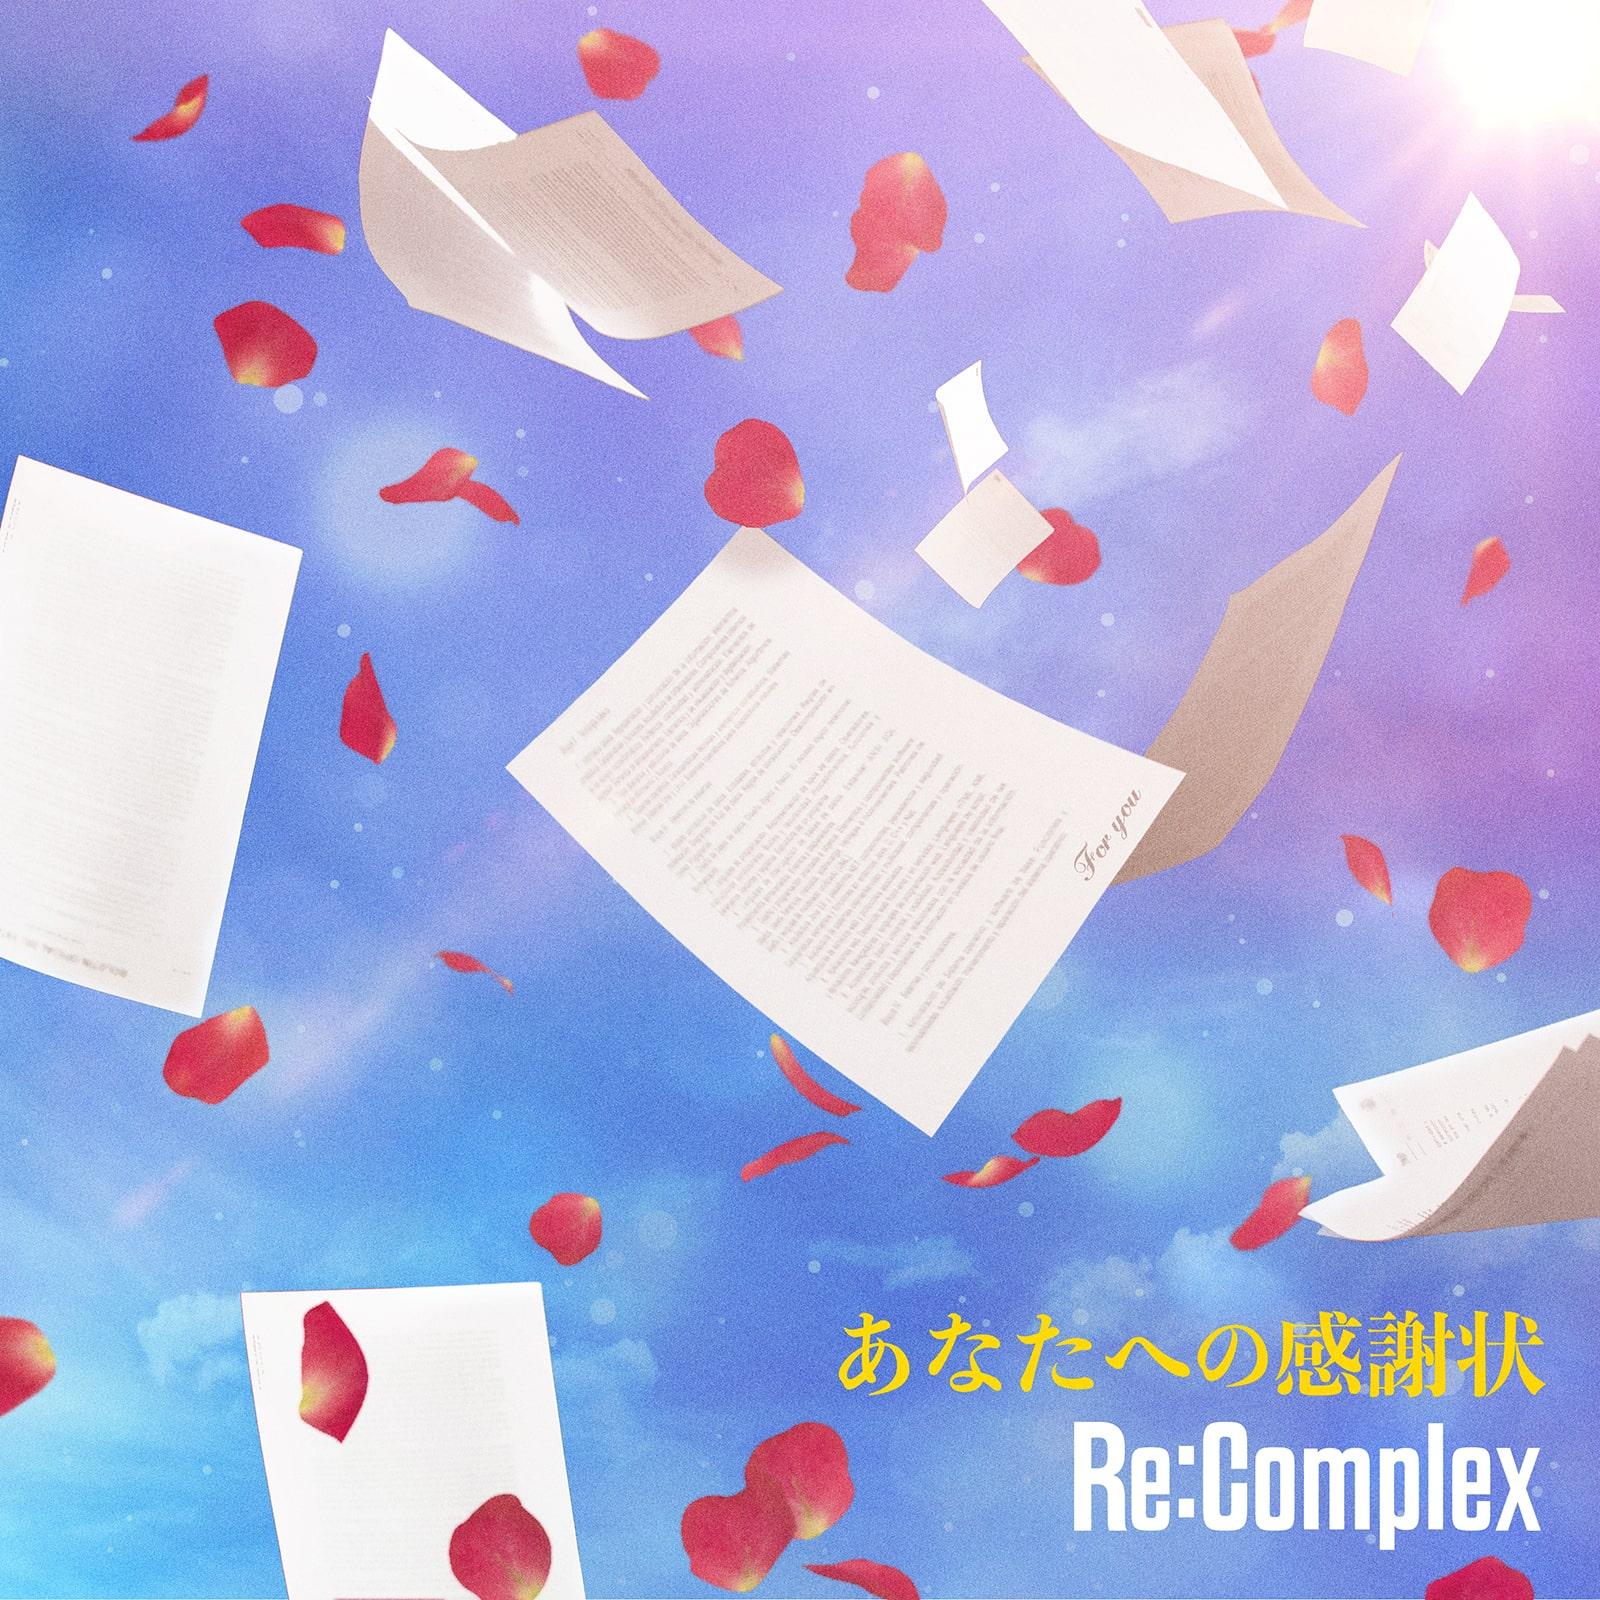 Re:Complex「あなたへの感謝状」